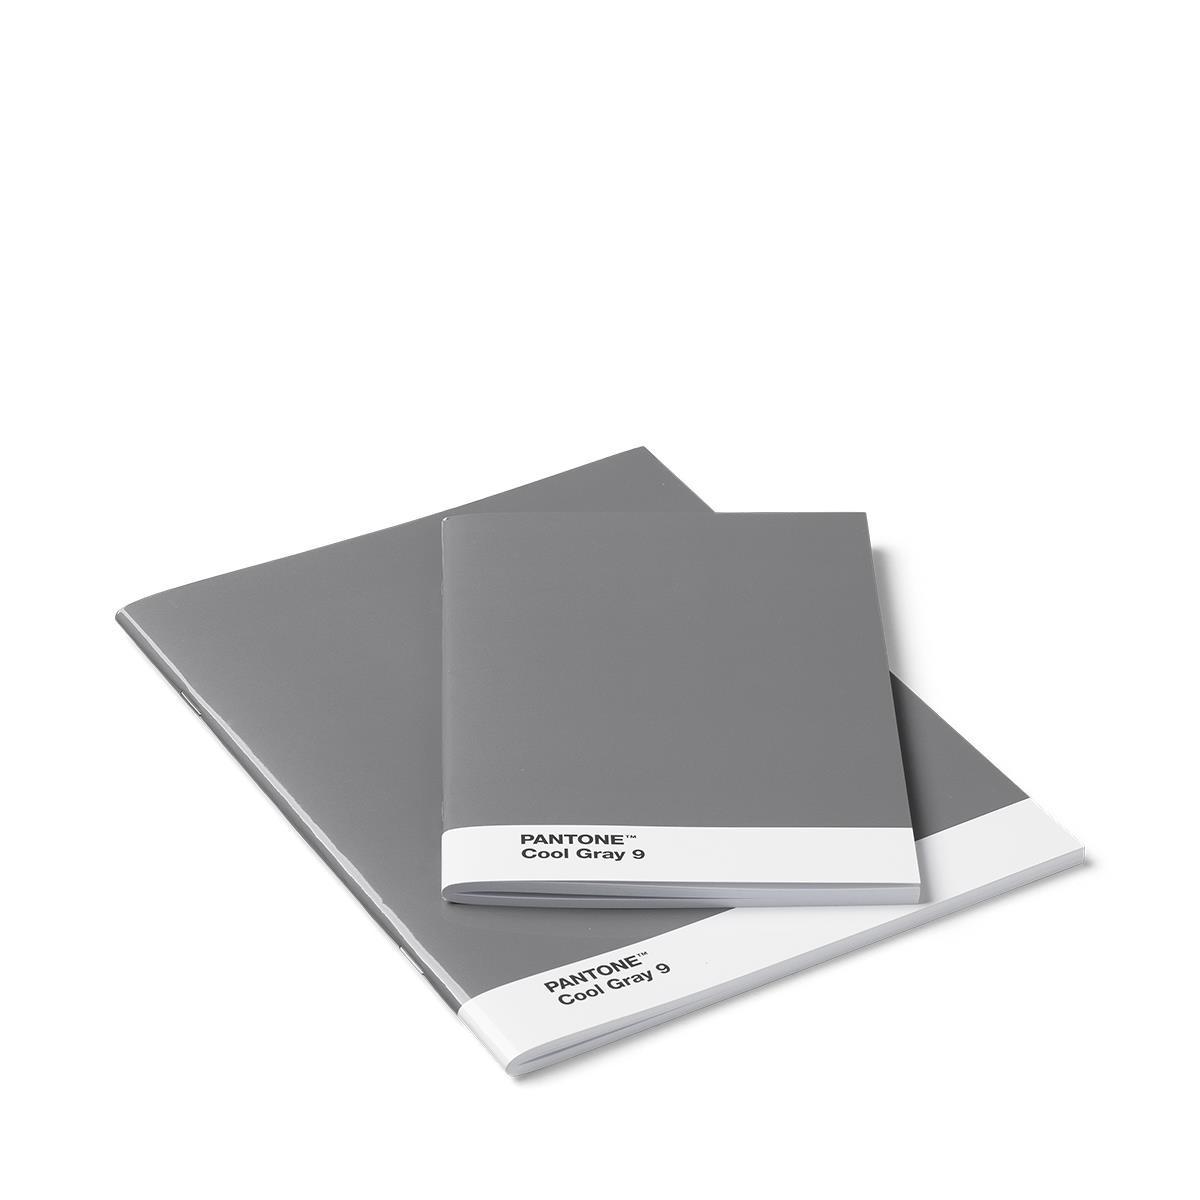 Confezione da 2 quaderni - Grigio Freddo 9 - Set da 12 pezzi